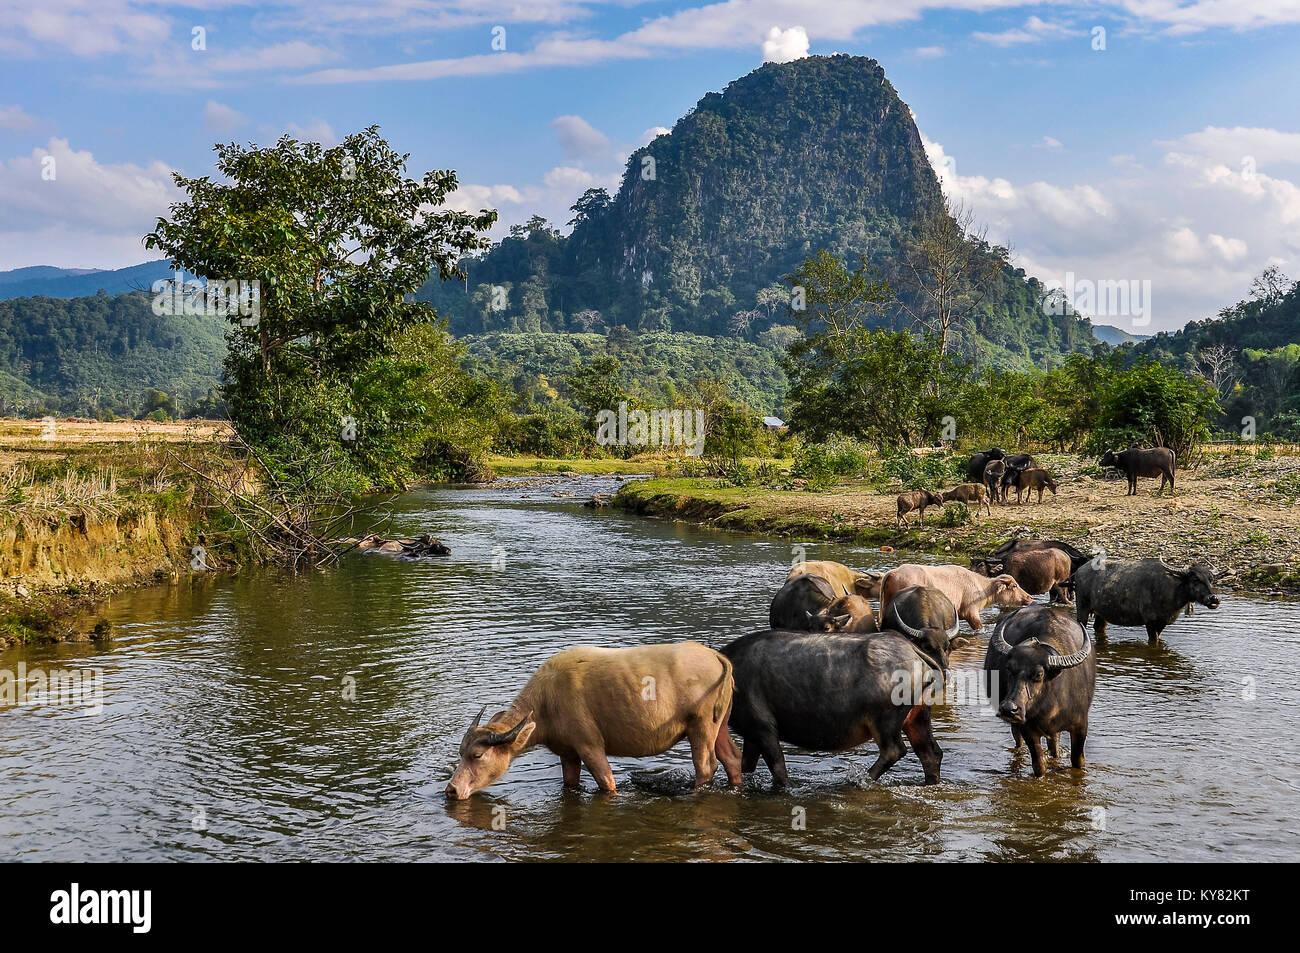 Les buffles d'eau dans le village de Muang Ngoi dans le Nord du Laos Photo Stock